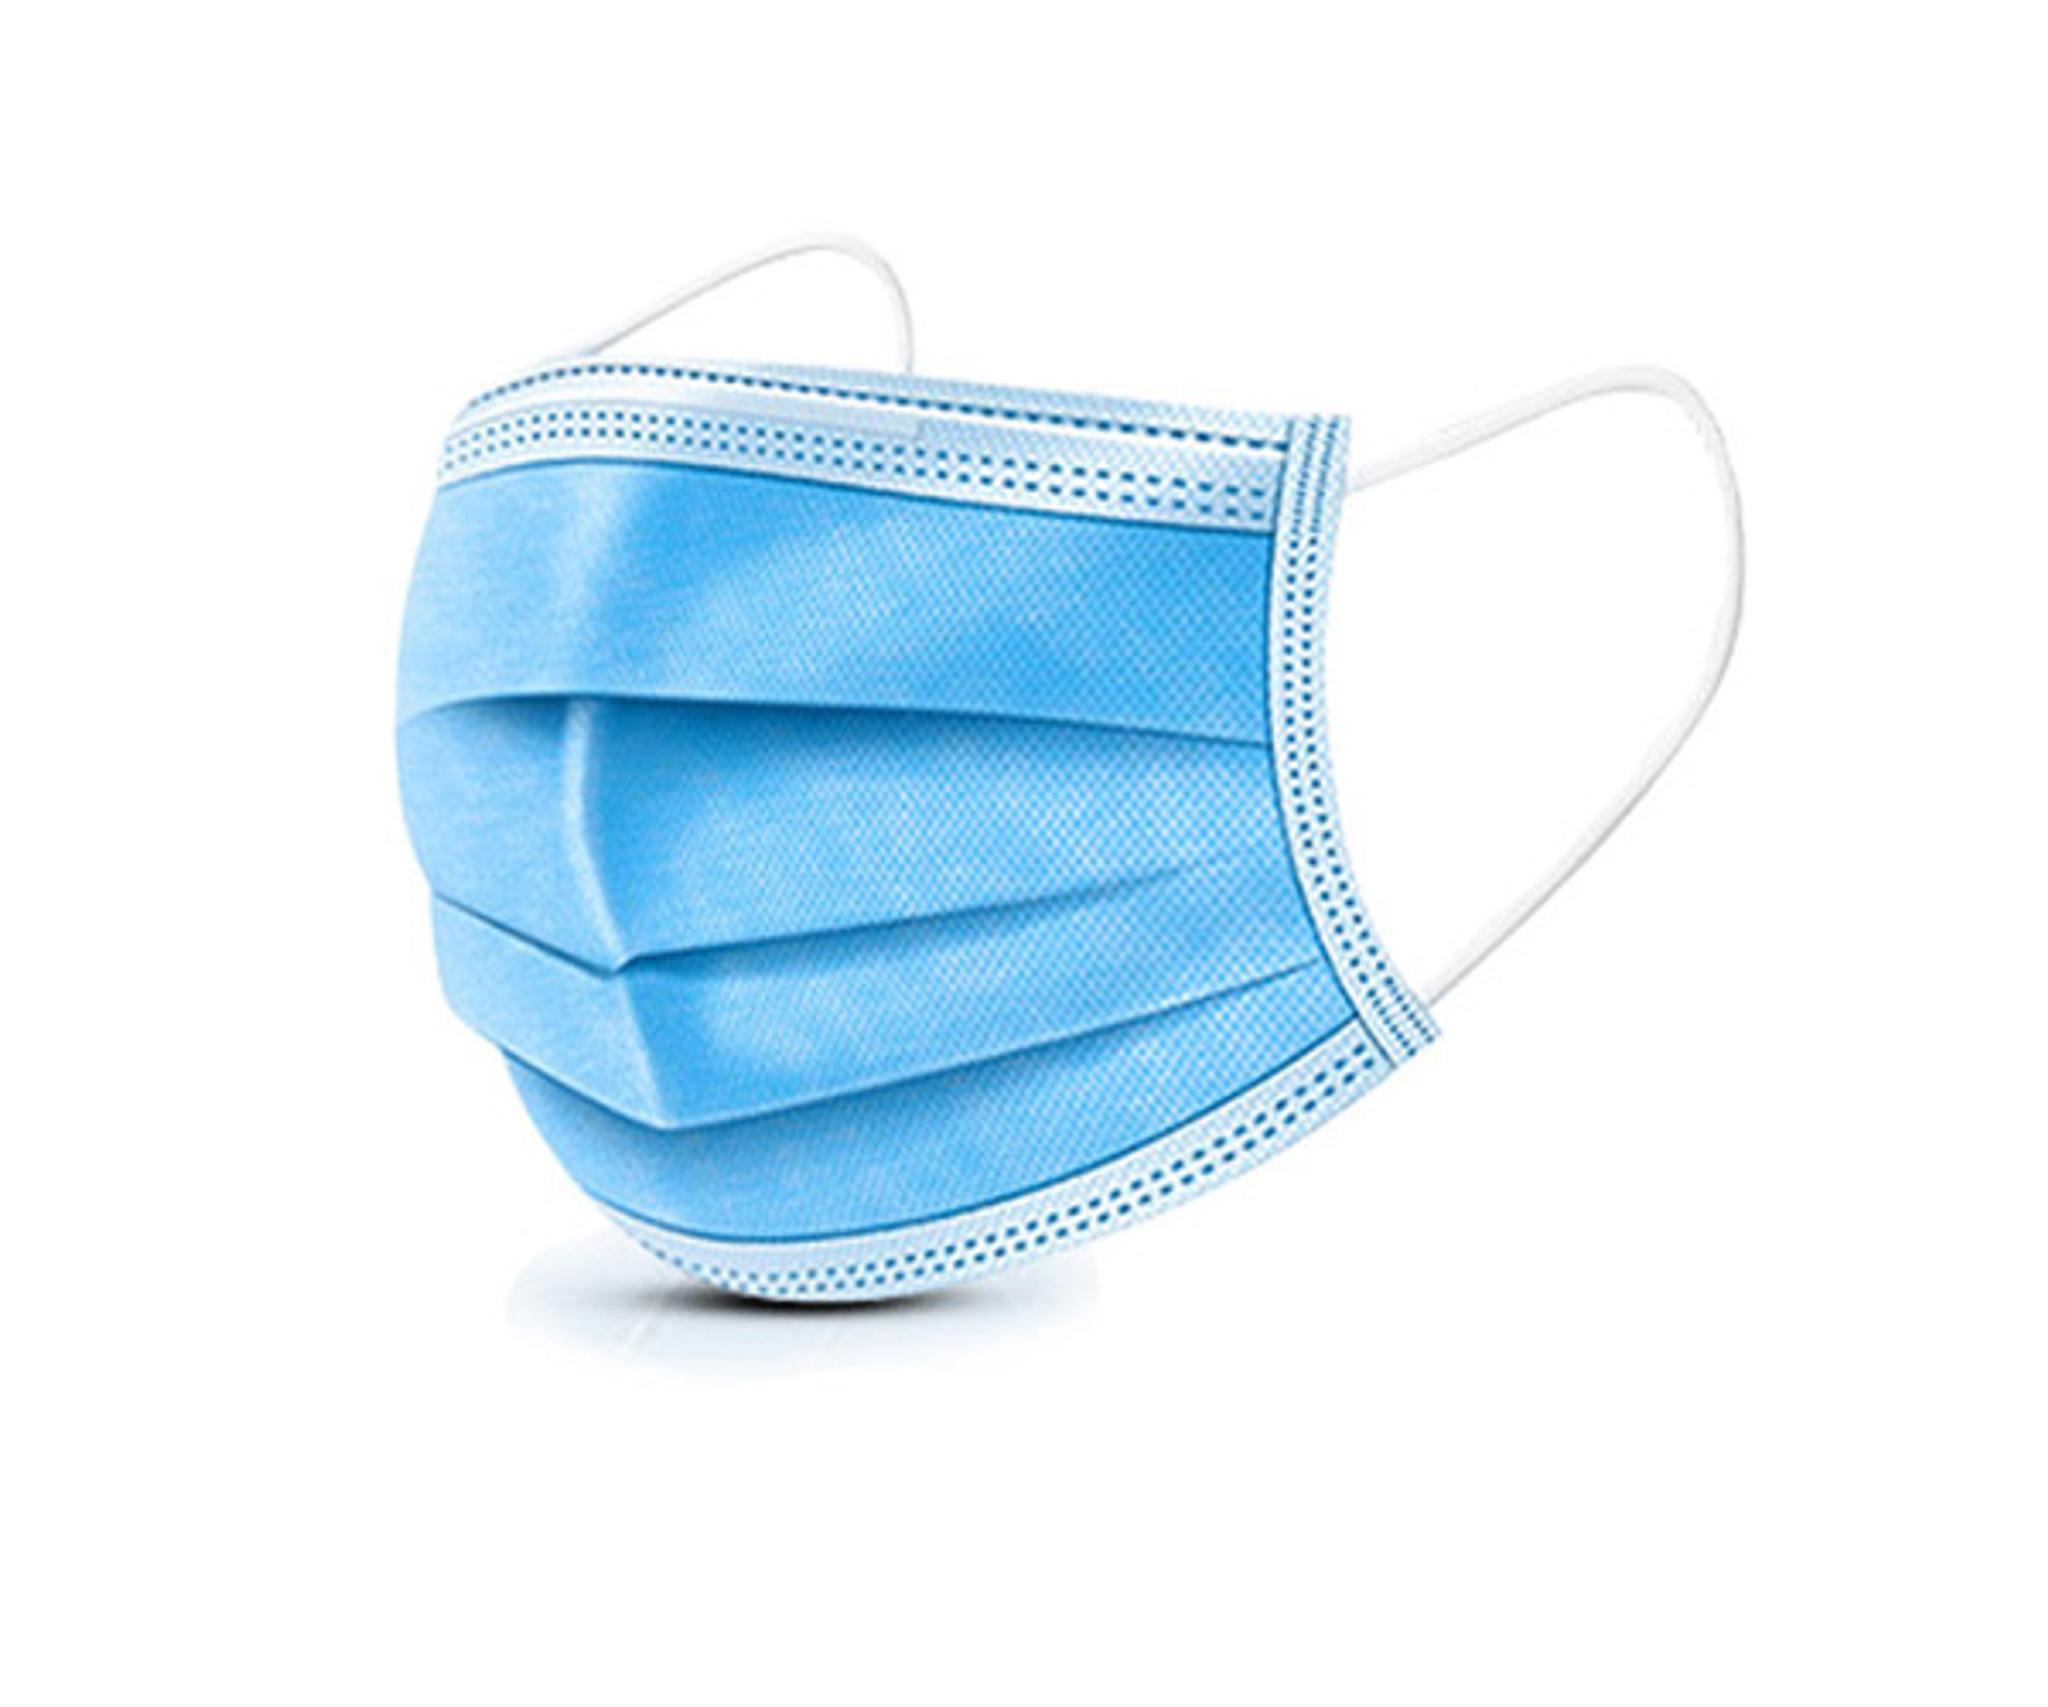 Disposable Mask, Non-Medical